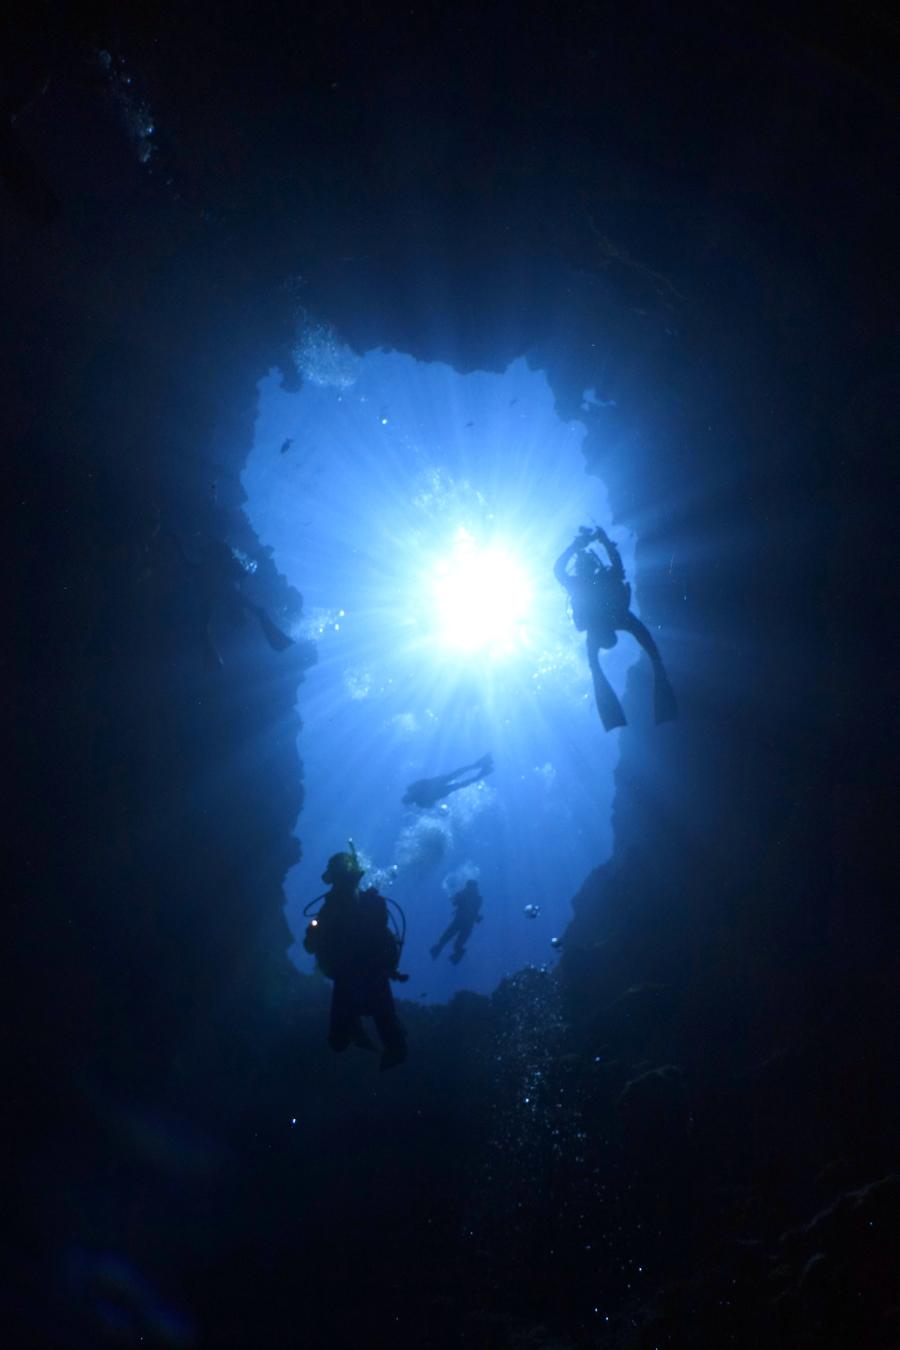 深い底に降りていく